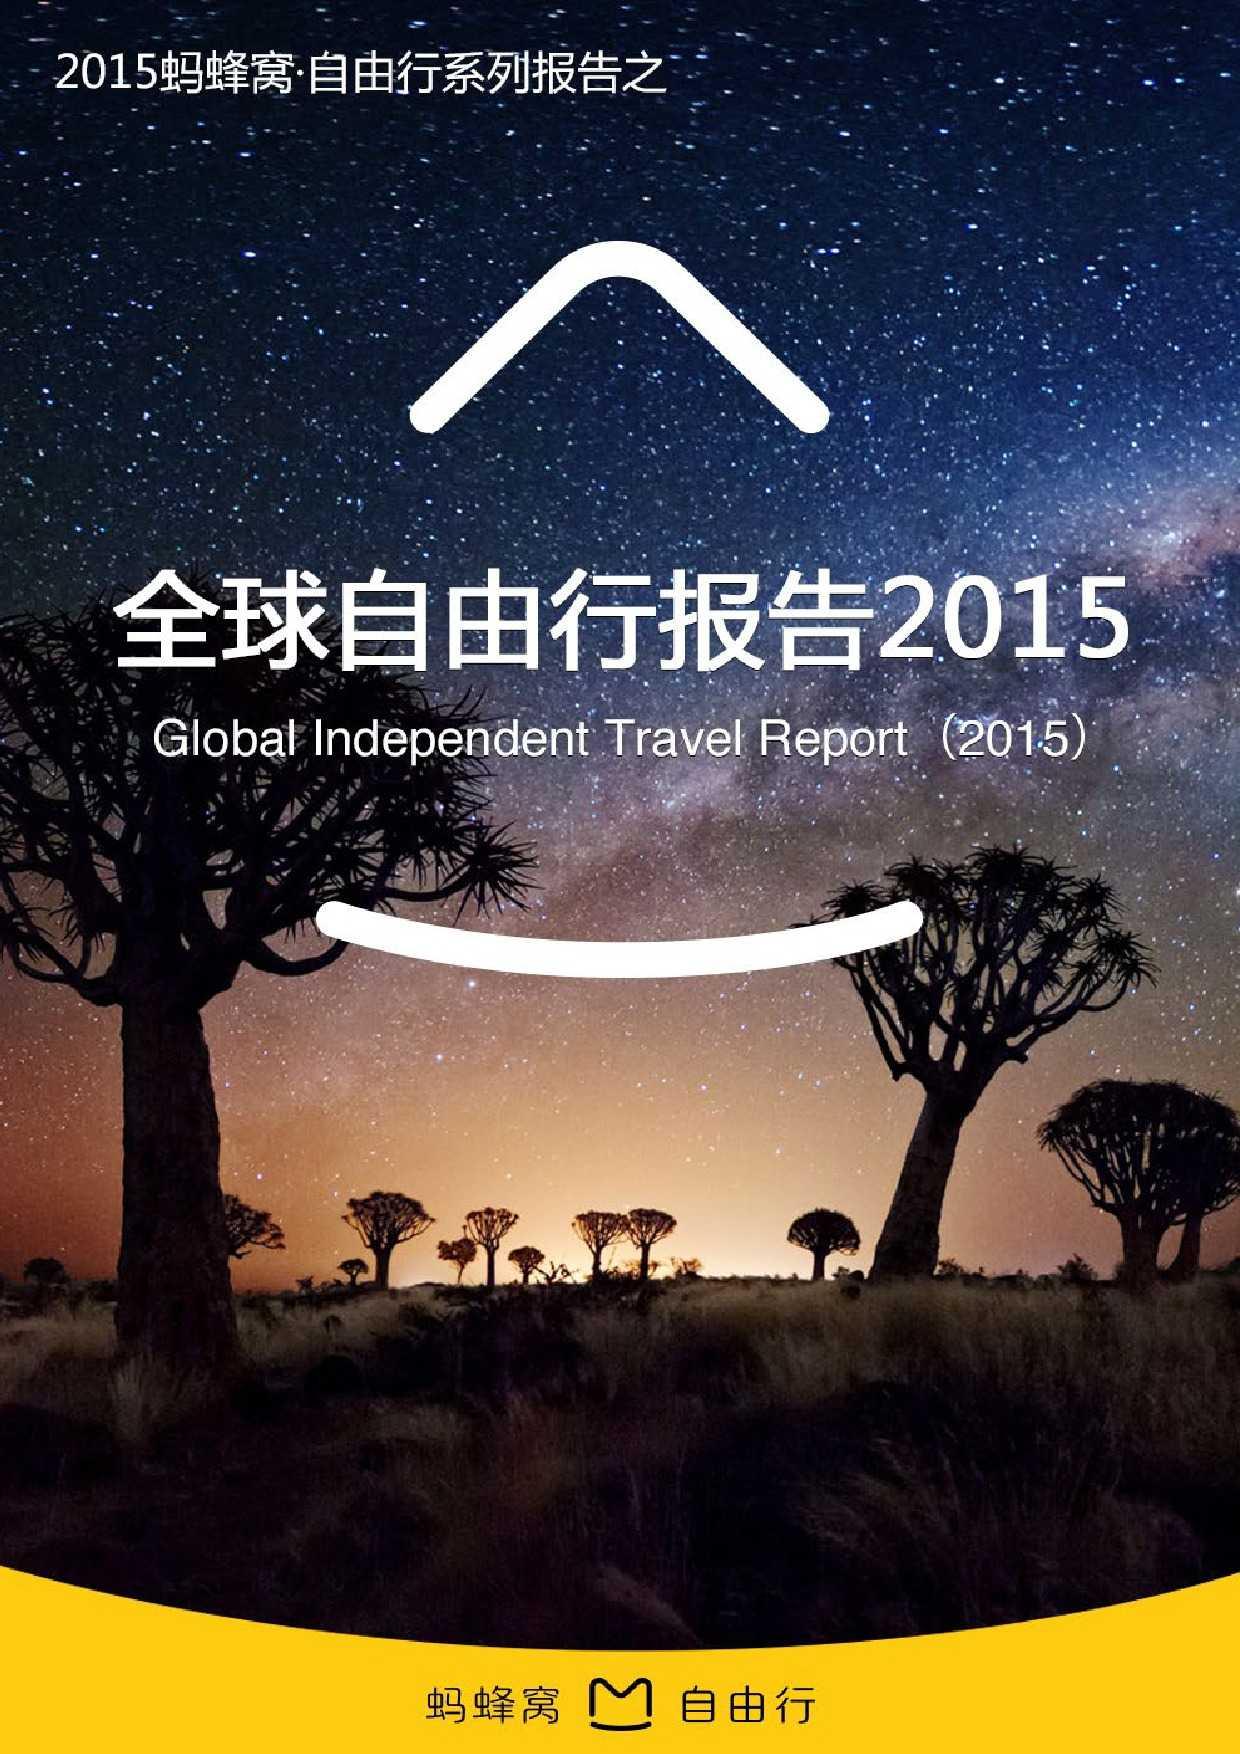 蚂蜂窝全球自由行报告2015_000001